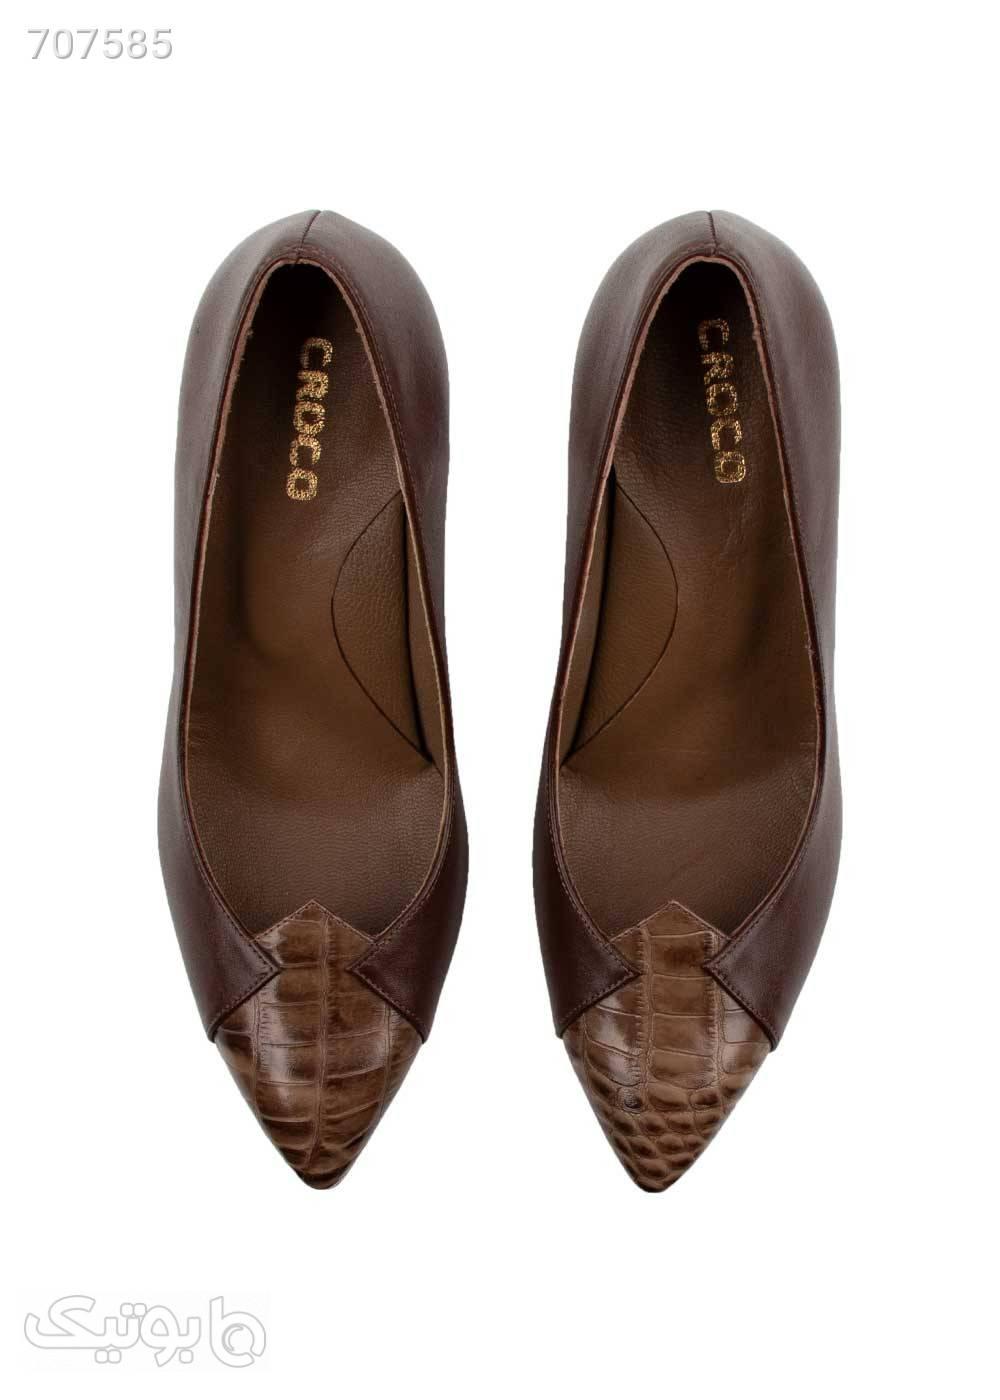 کفش زنانه مجلسی مدل ۷۹۰ قهوه ای كفش پاشنه بلند زنانه